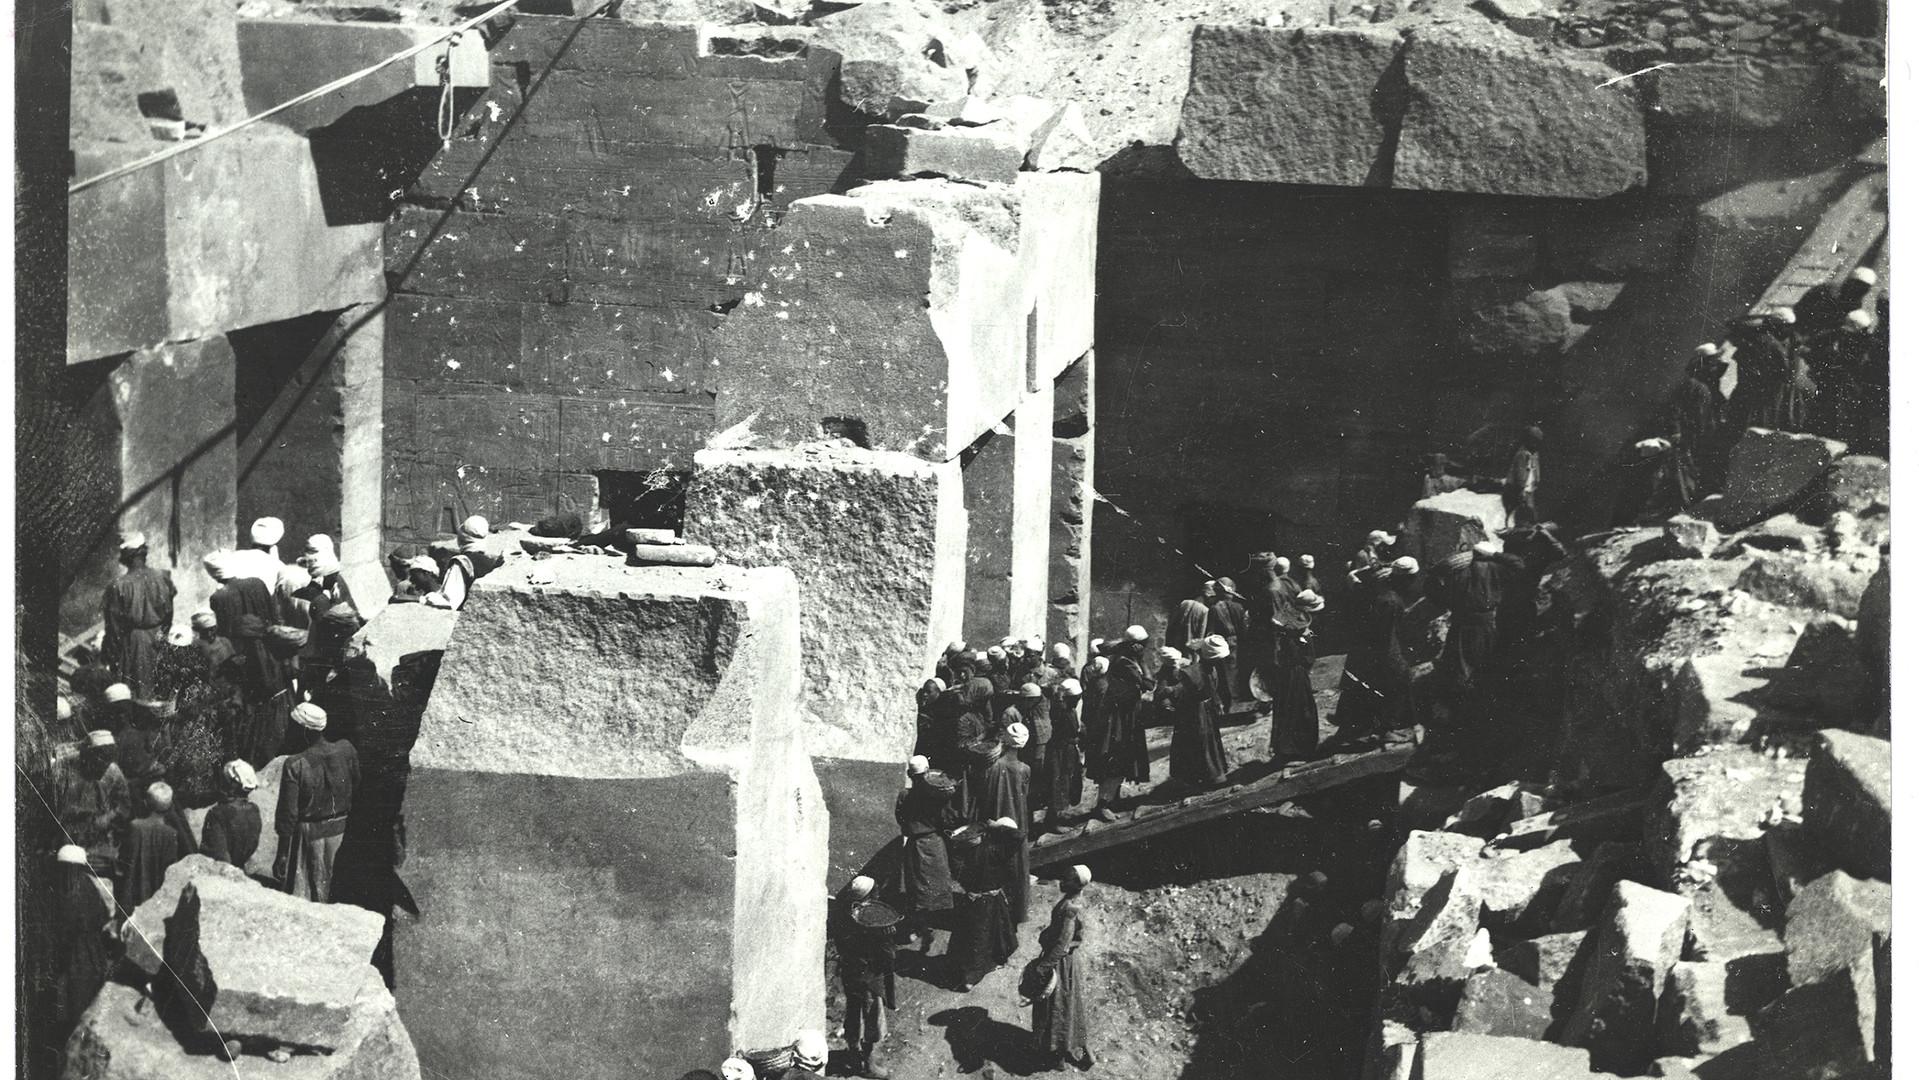 Marguerite Naville (?) : Abydos, fouilles de l'Osireion en 1914 (?) (tirage photographique) © Musée d'art et d'histoire de la Ville de Genève, inv. A 2006-0030-067-0322